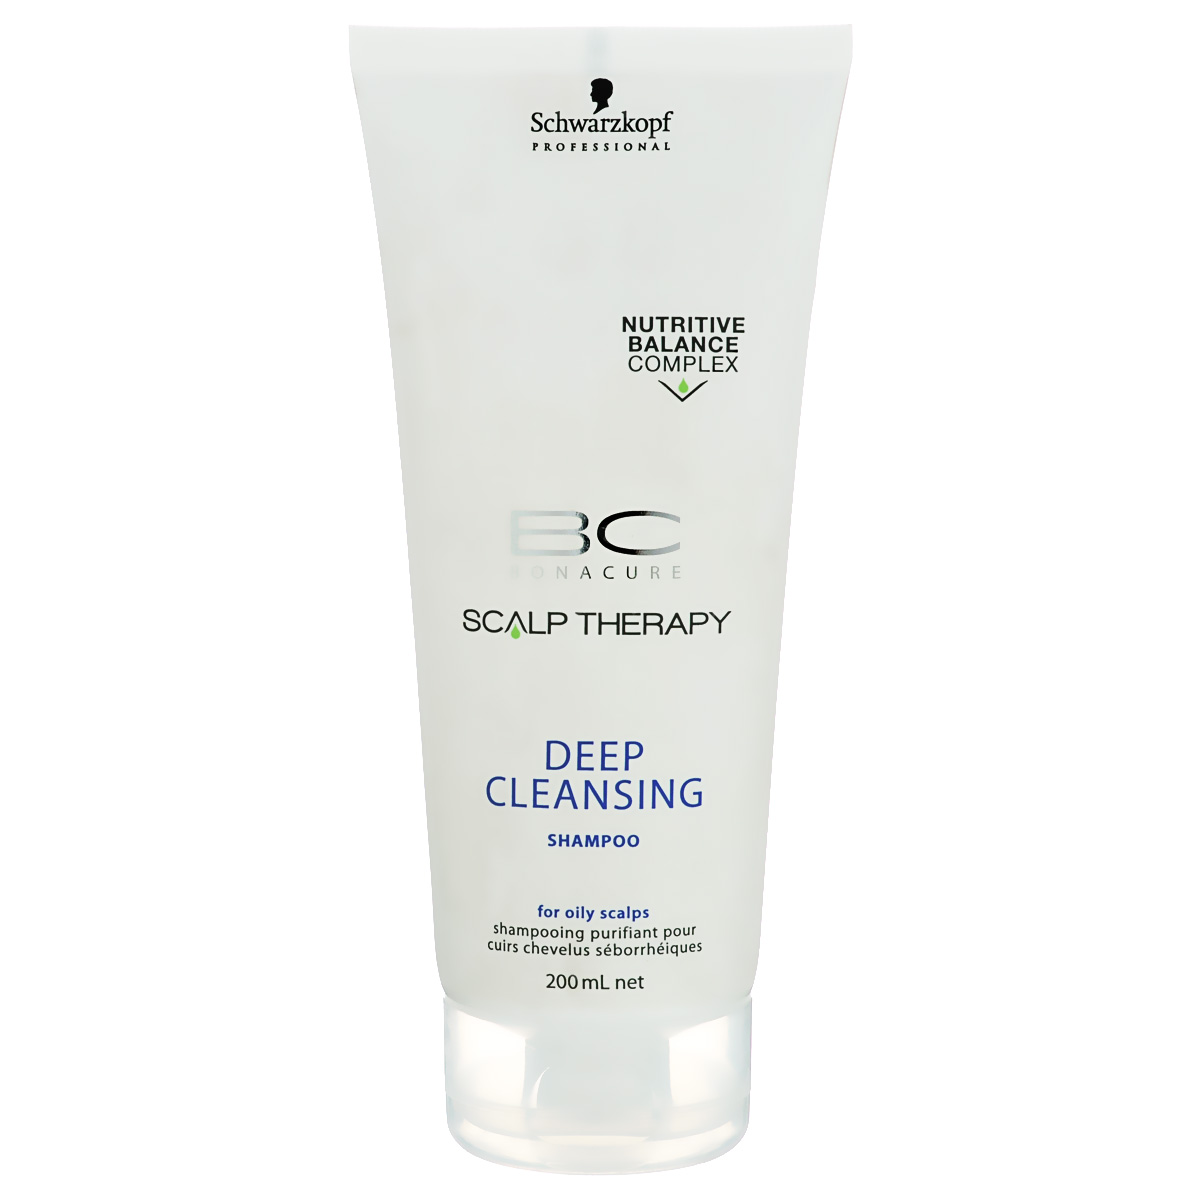 Bonacure Шампунь для глубокого очищения Scalp Therapy Deep Cleansing Shampoo 200 млFS-00897Очищающий шампунь для всех типов волос, выглядящих маслянистыми и для жирной кожи головы. Поверхностно - активные вещества, полученные из кокоса мягко, но эффективно очищает кожу головы. Благодаря ментолу шампунь оставляет ощущение чистоты и свежести. Пантенол поддерживает необходимый баланс влаги.